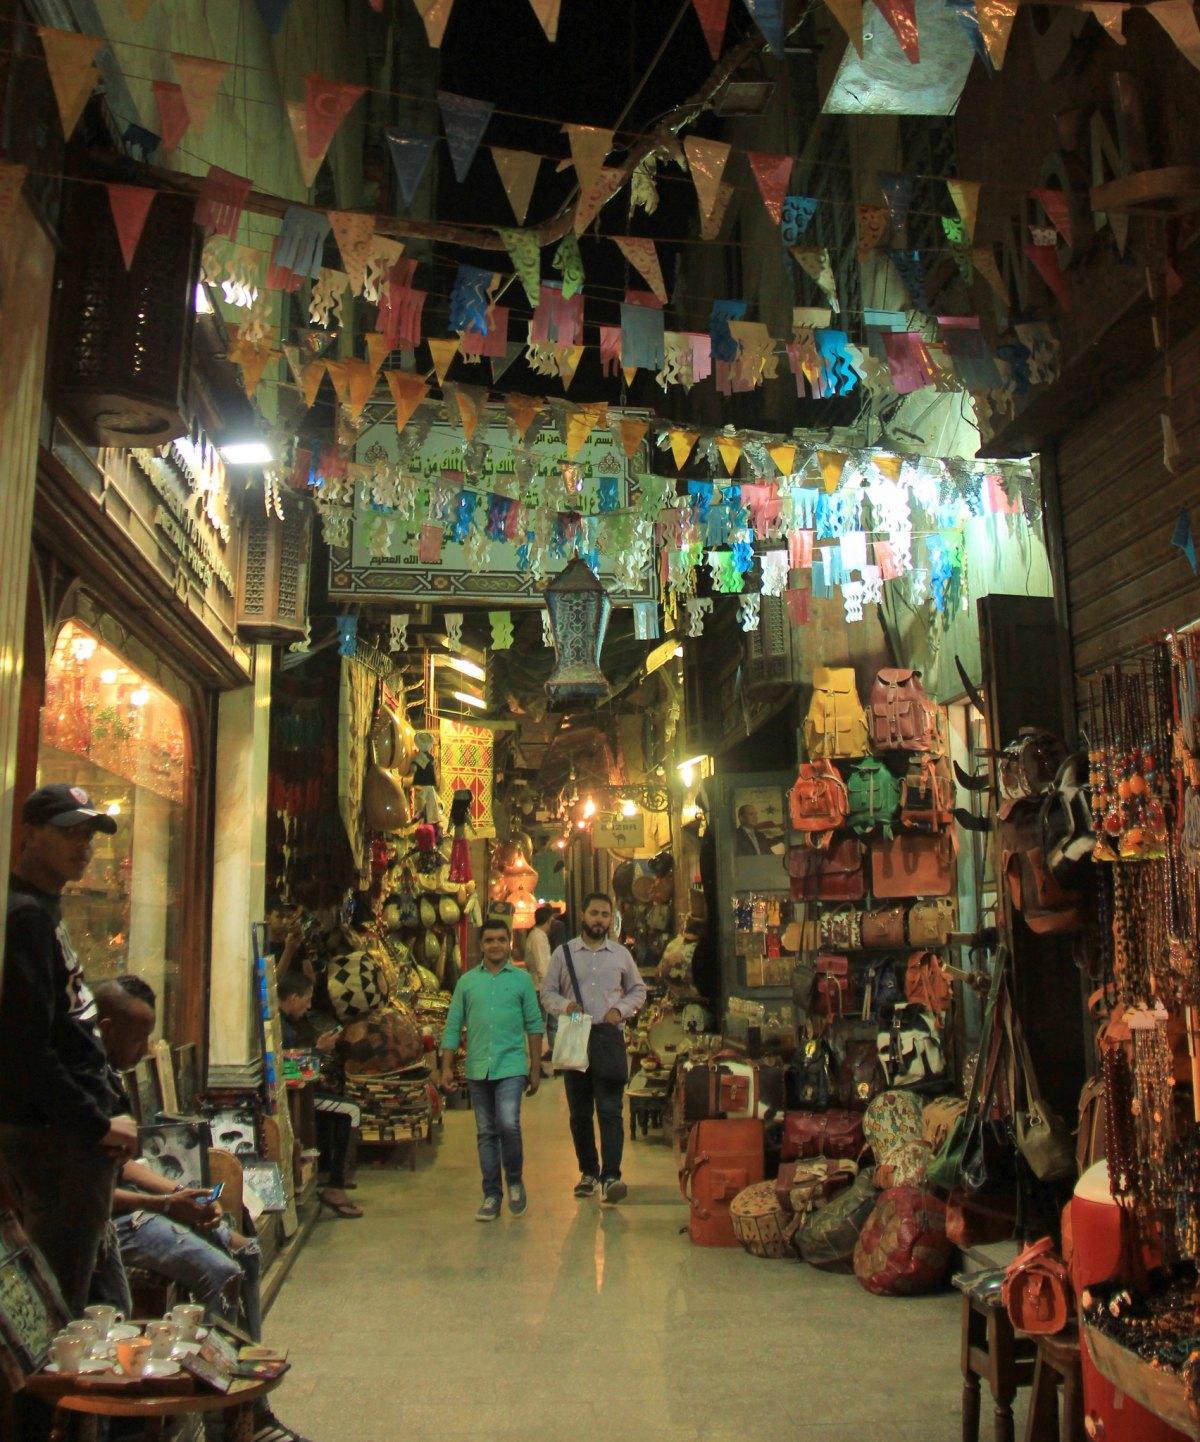 Buntings in the lanes of khan el khalili market